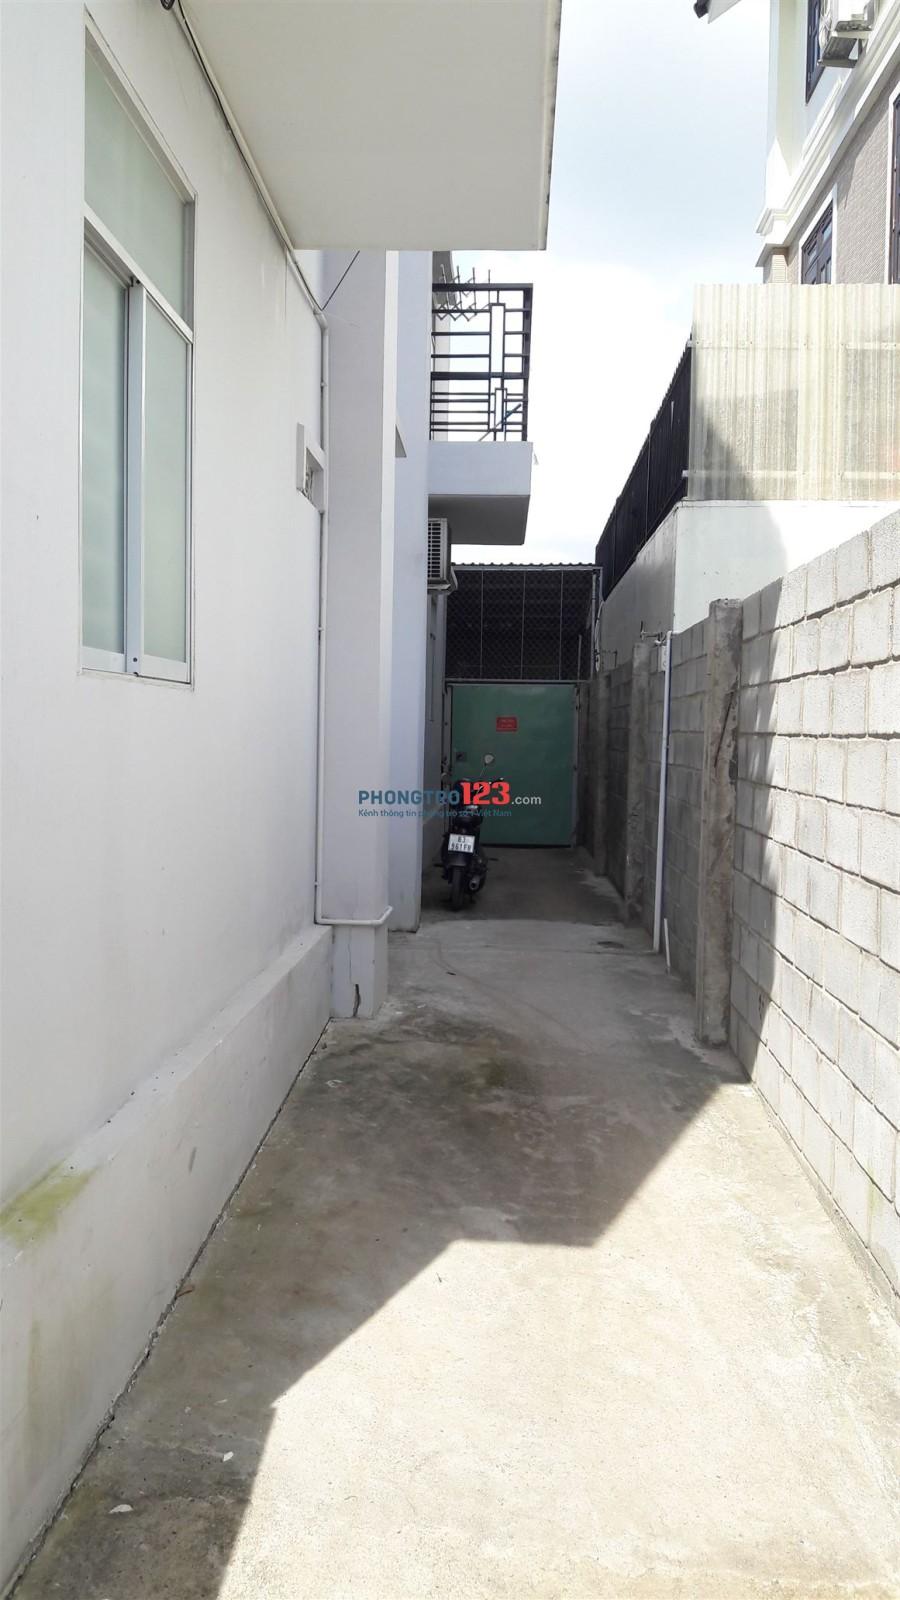 Cho thuê  chung cư mini, sang trọng, khu an ninh, giá chỉ từ 2,2tr/th